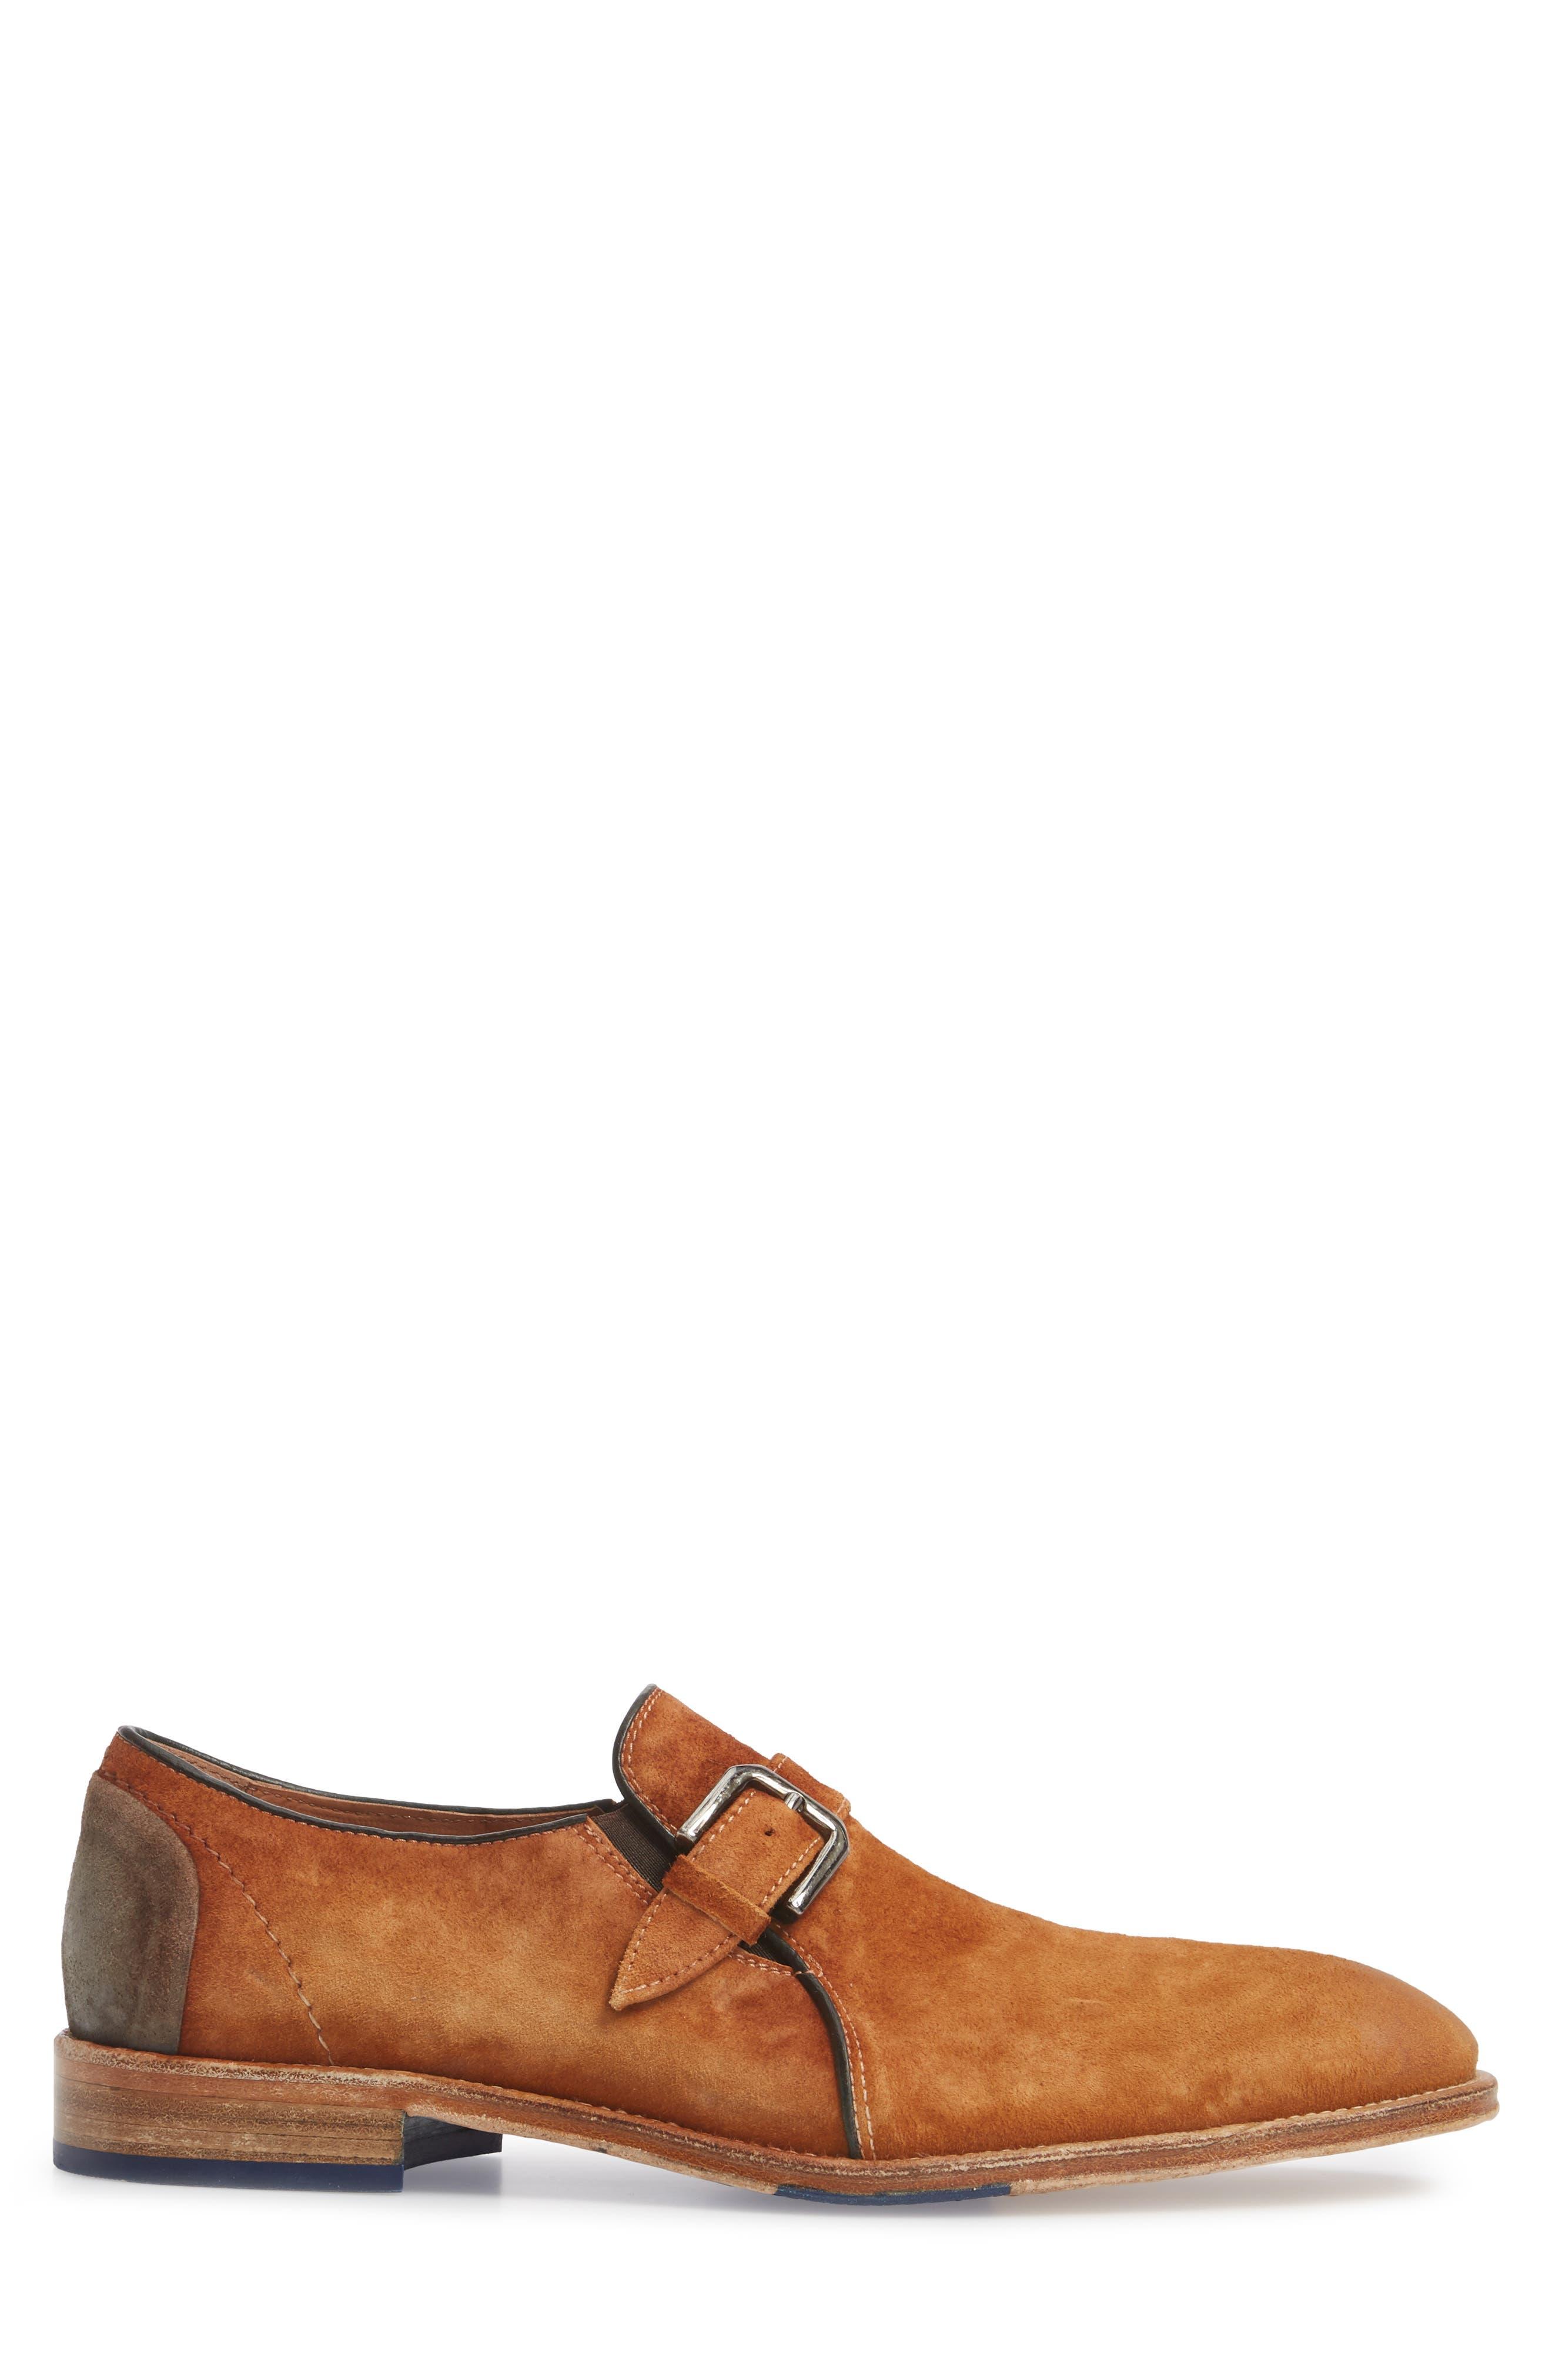 Alex Single Buckle Monk Shoe,                             Alternate thumbnail 3, color,                             Tan Wash Suede